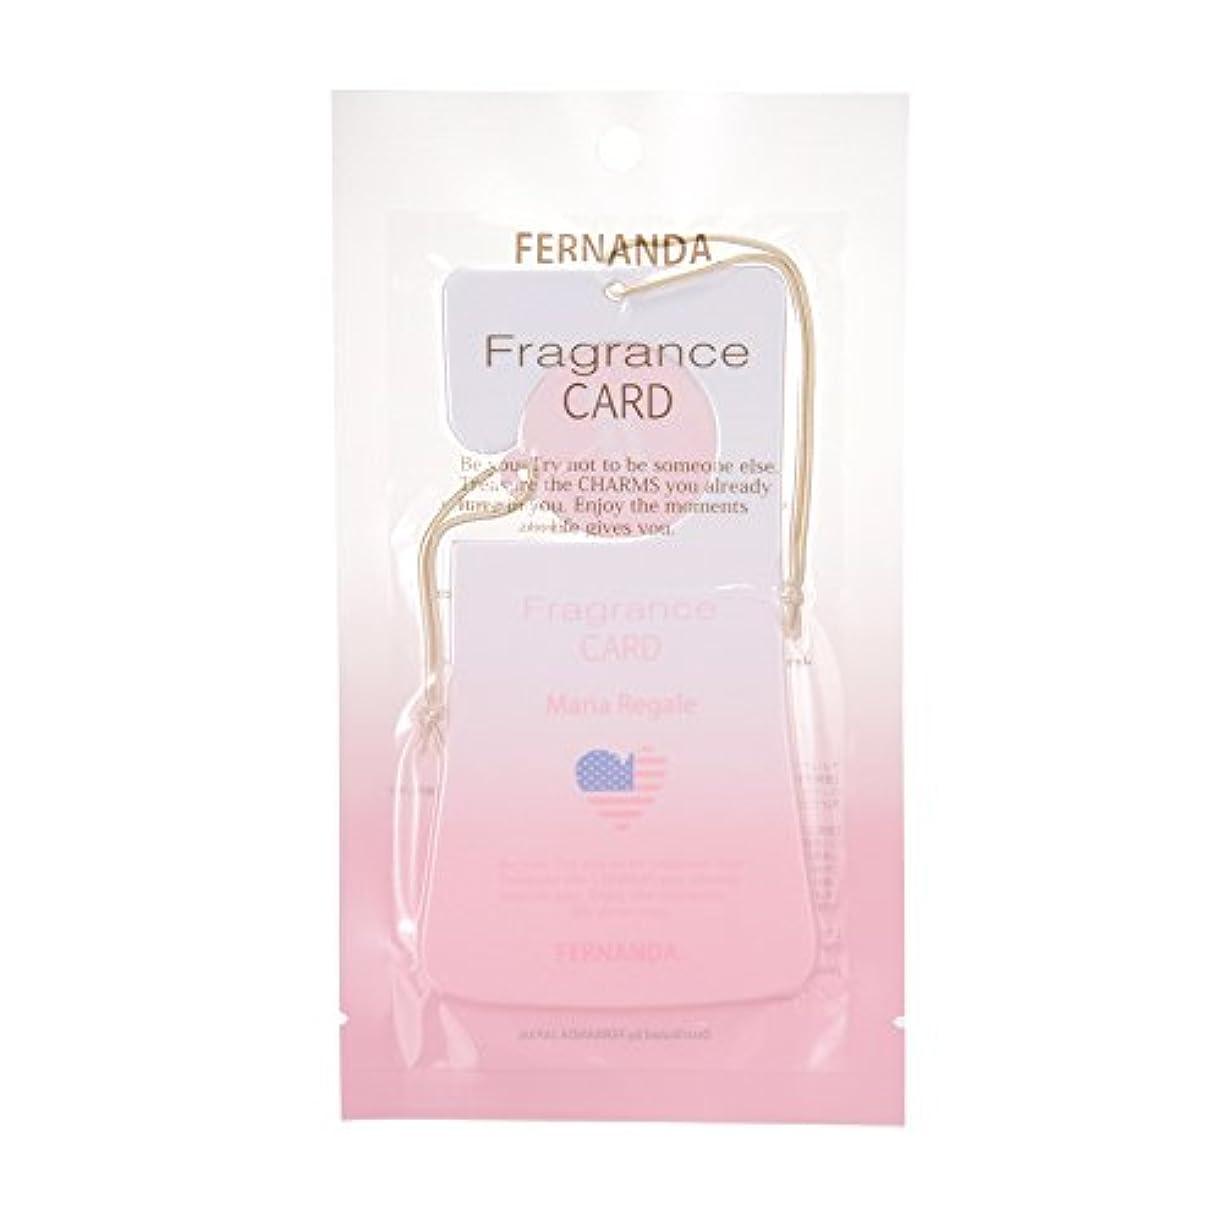 悪化させるペースト日常的にFERNANDA(フェルナンダ) Fragrance Card Maria Regale (フレグランスカード マリアリゲル)